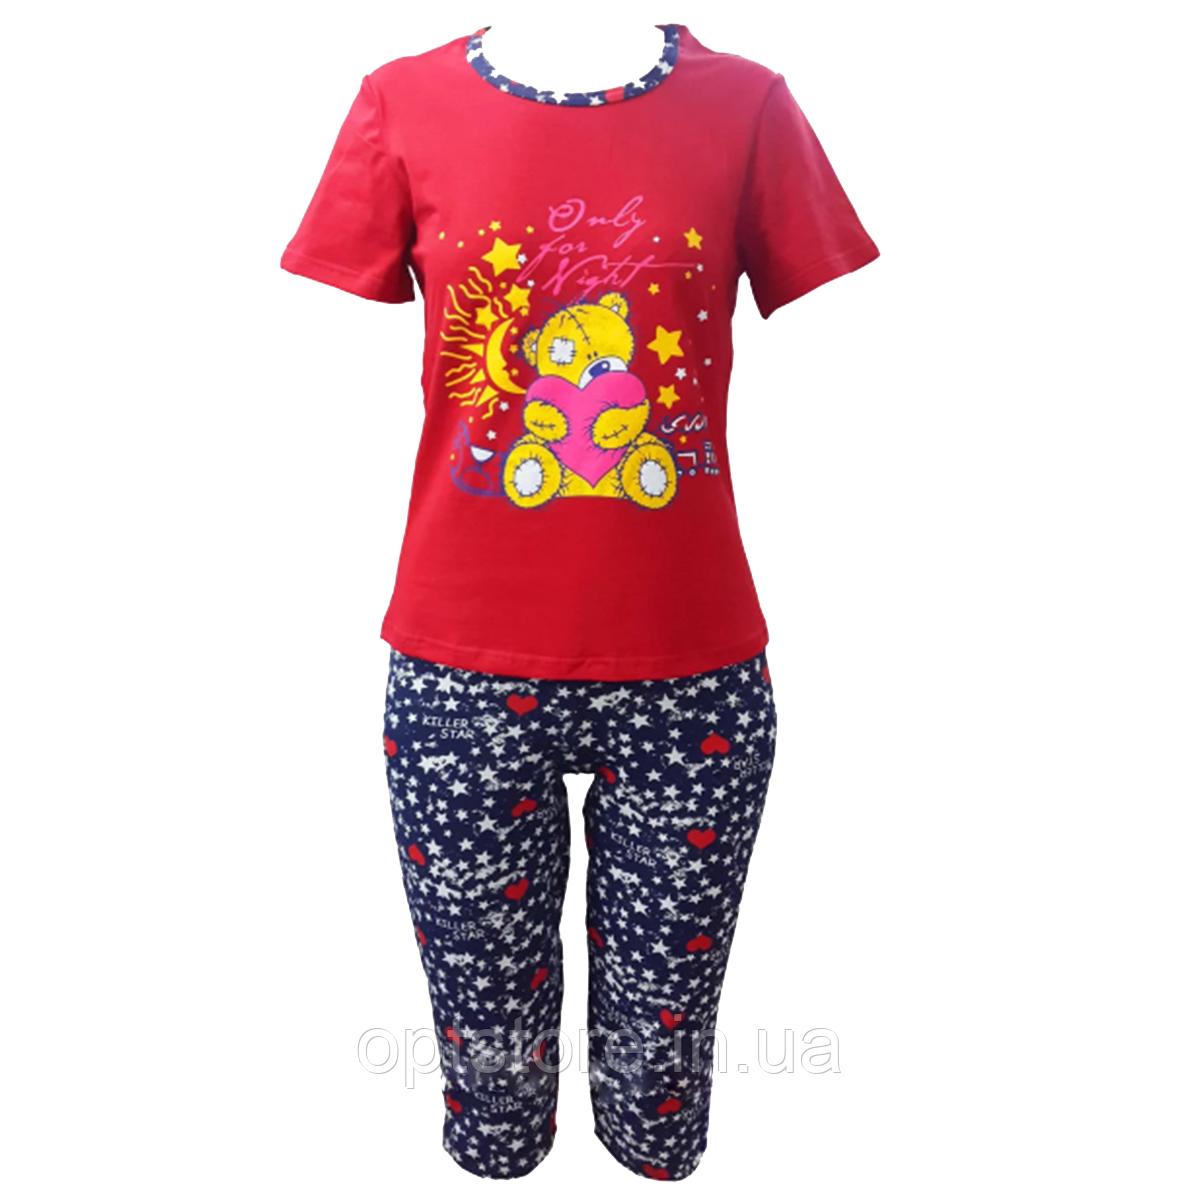 Летняя пижама с капри размер 42-52